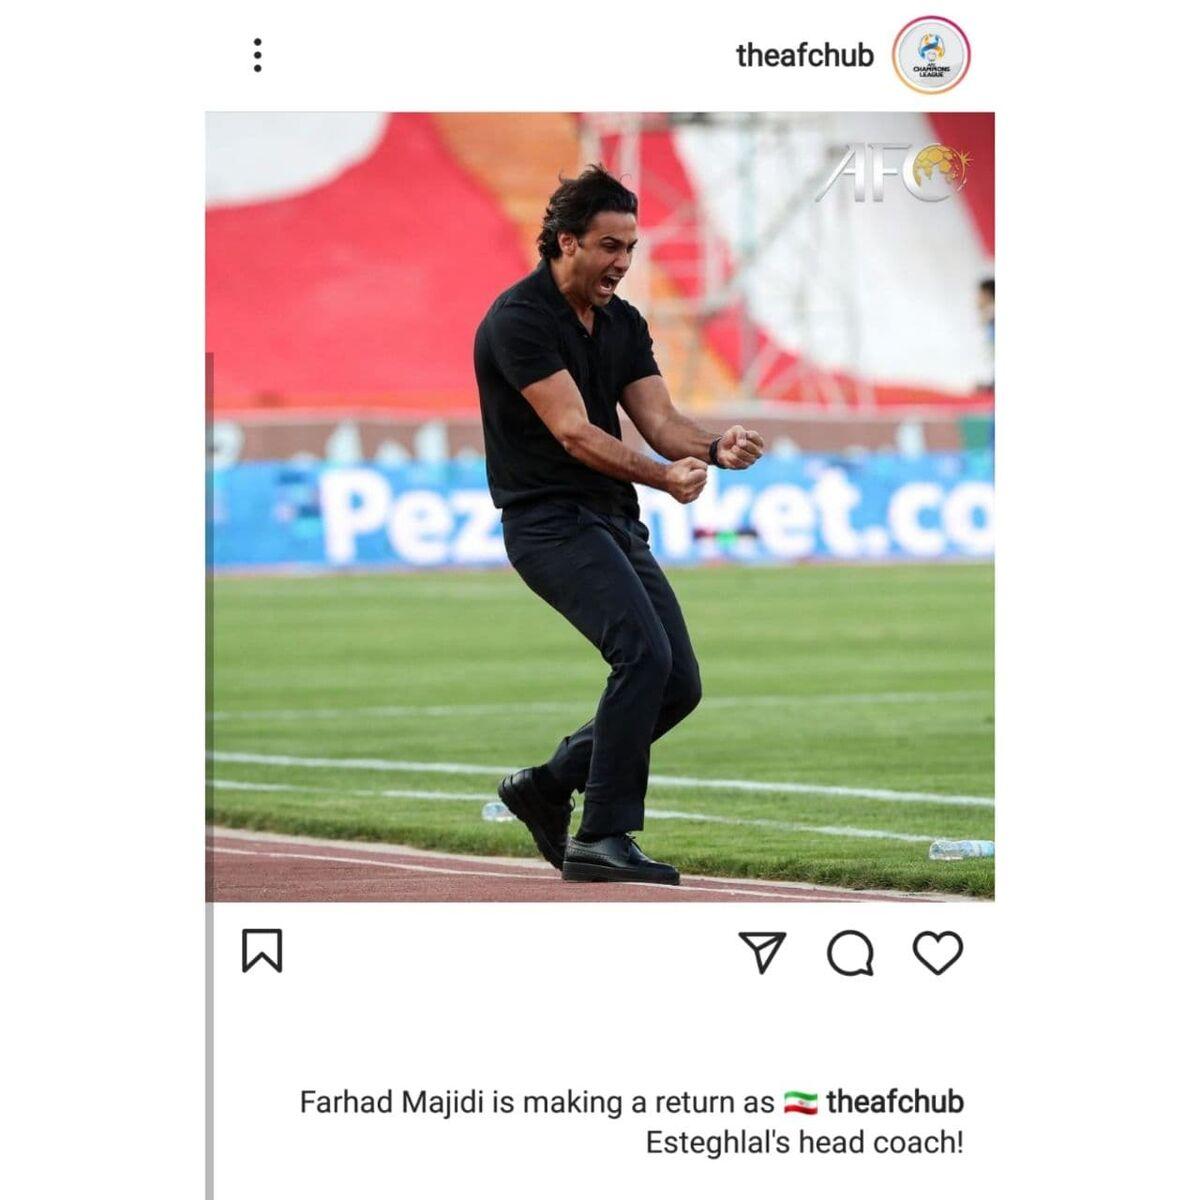 پست اینستاگرامی AFC در واکنش به بازگشت فرهاد مجیدی